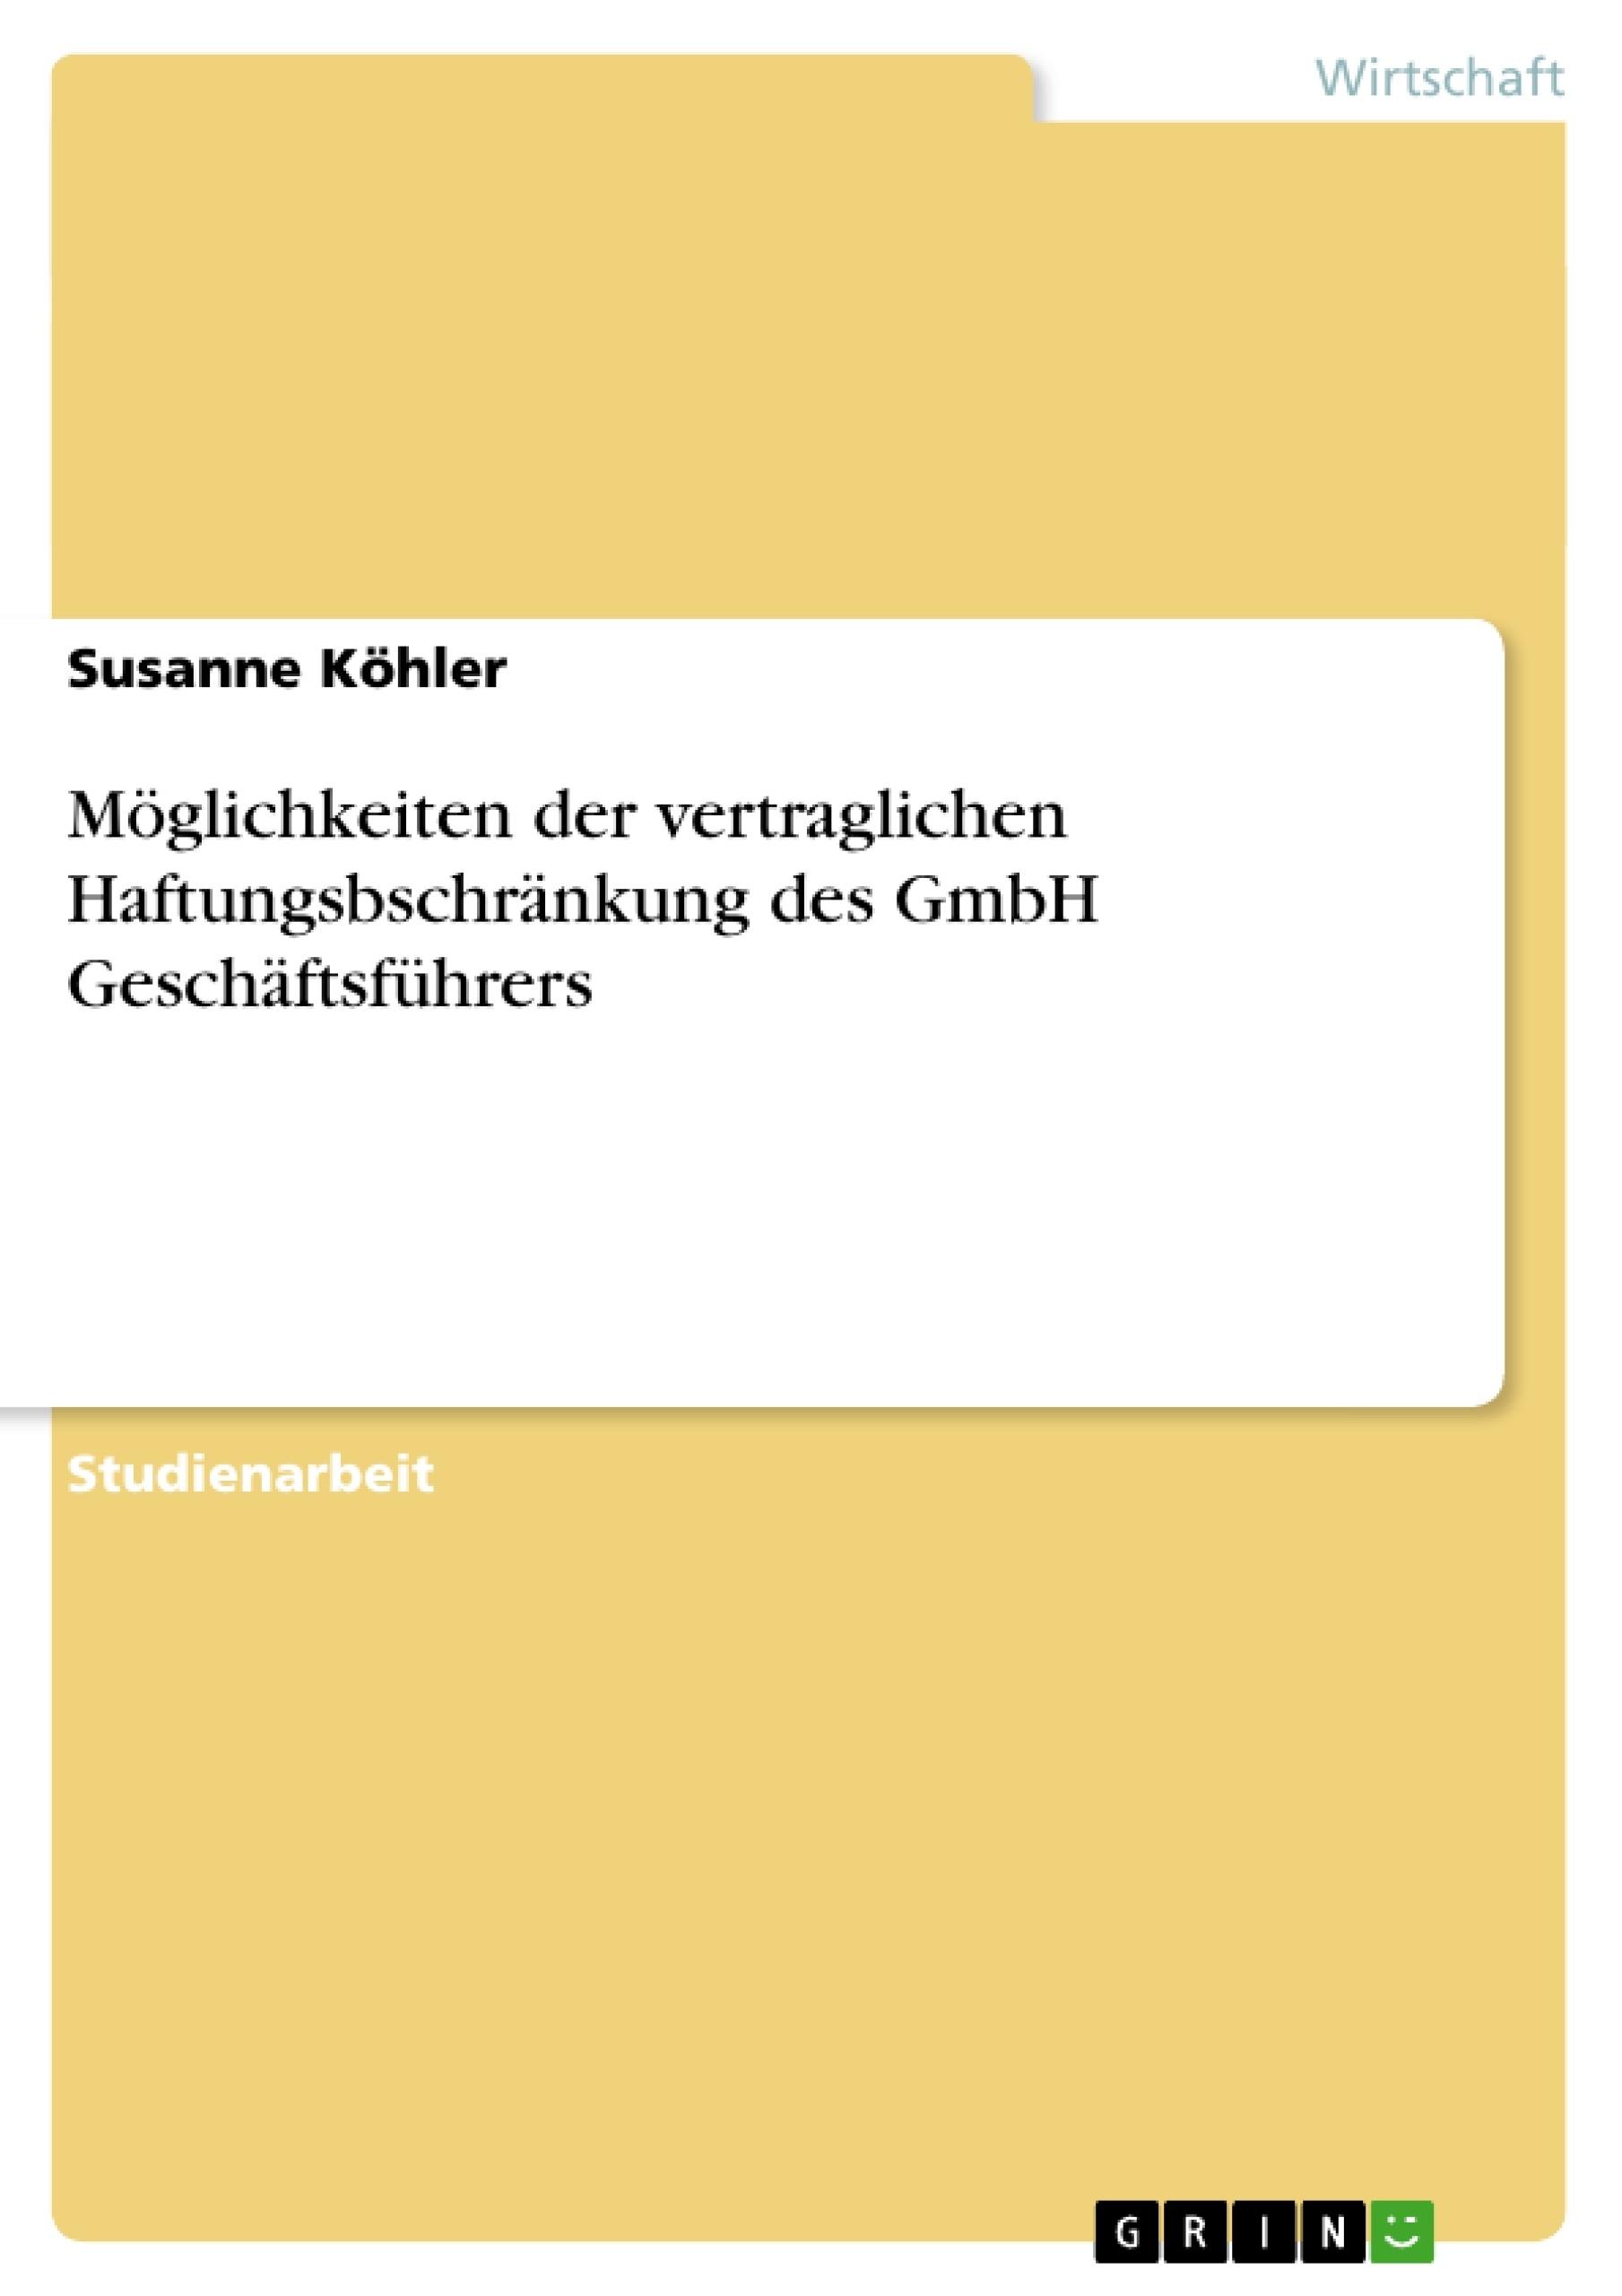 Titel: Möglichkeiten der vertraglichen Haftungsbschränkung des GmbH Geschäftsführers